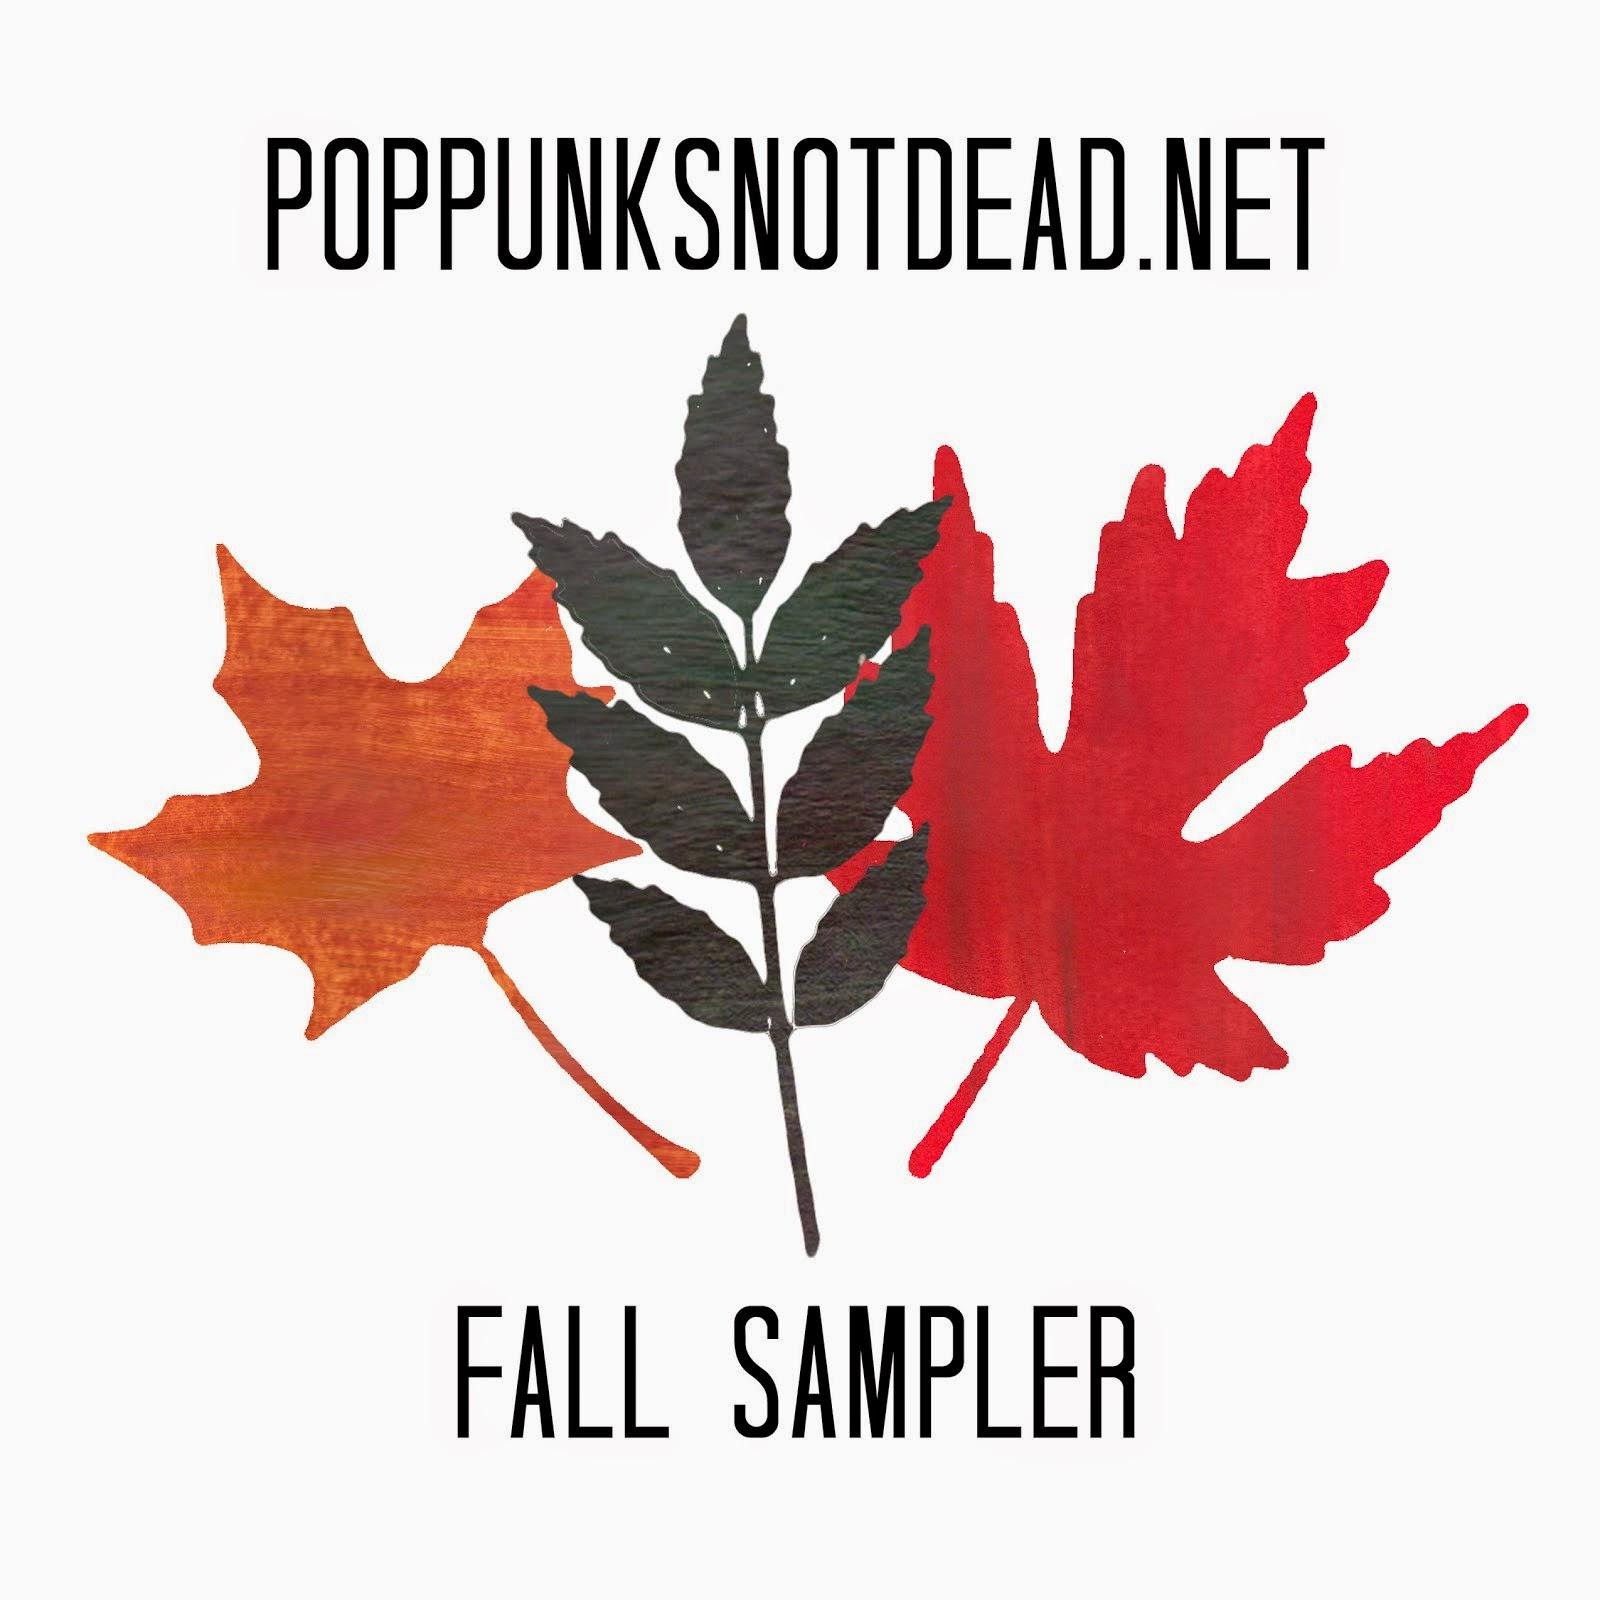 PPND's Fall Sampler